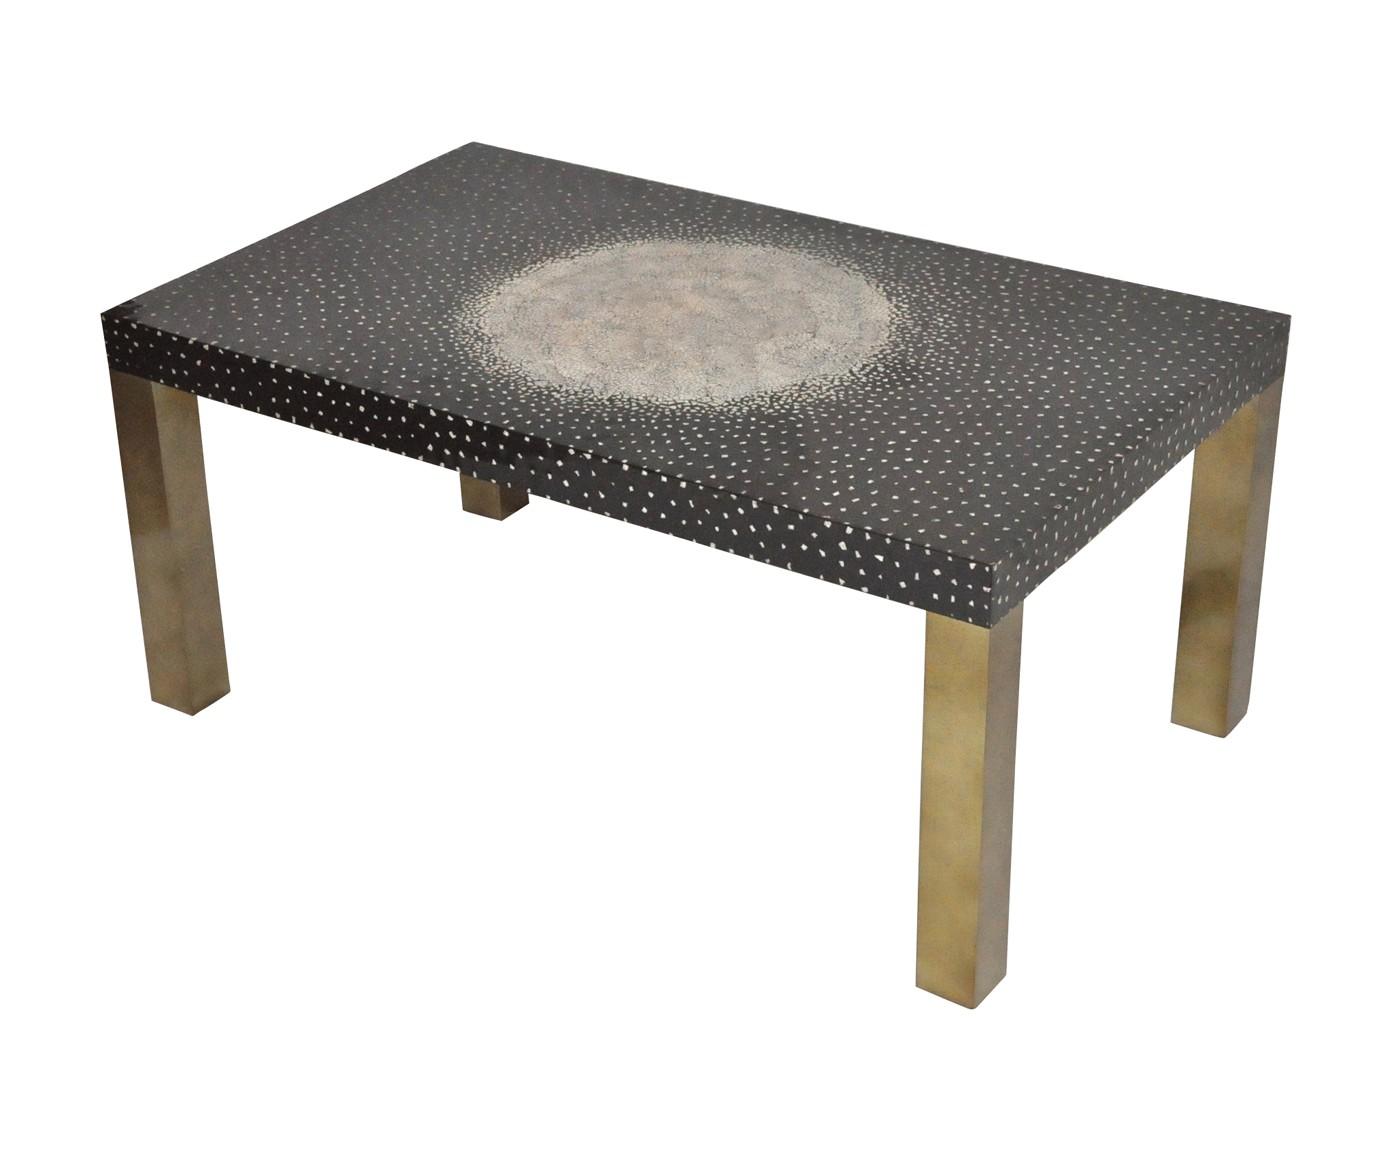 Table basse rectangulaire laque noire pieds bronze - Table basse rectangulaire ...